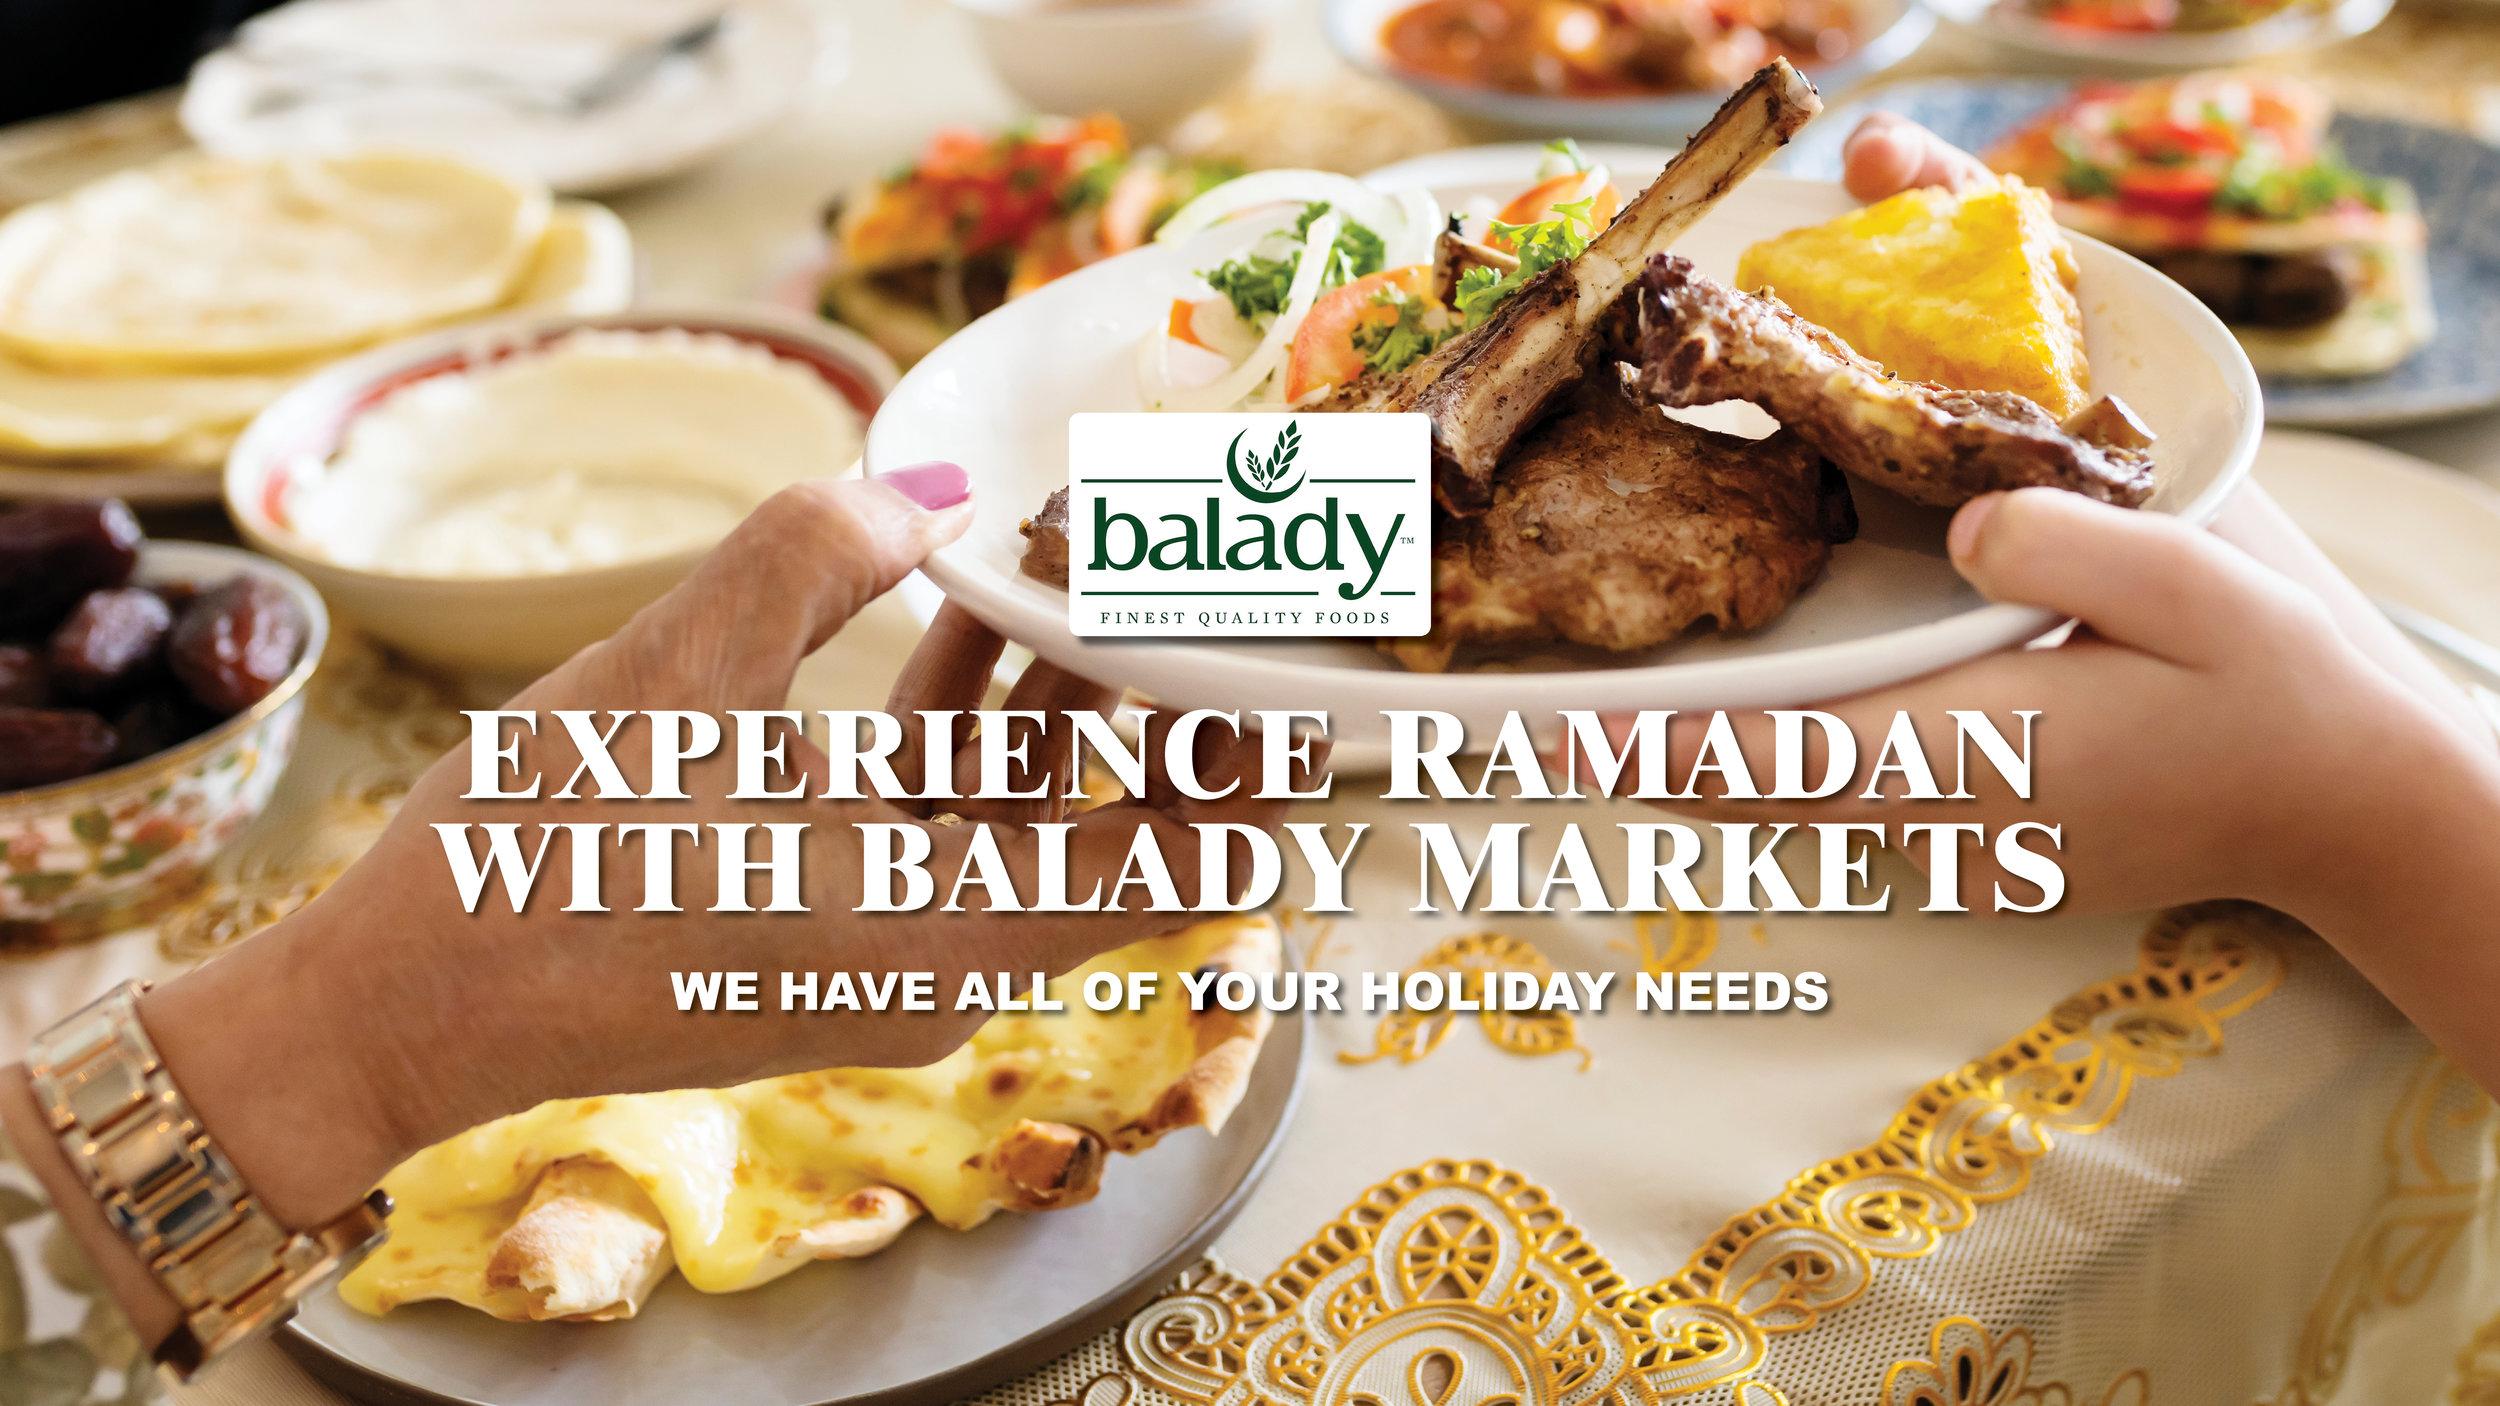 BaladyWebsliders3.jpg